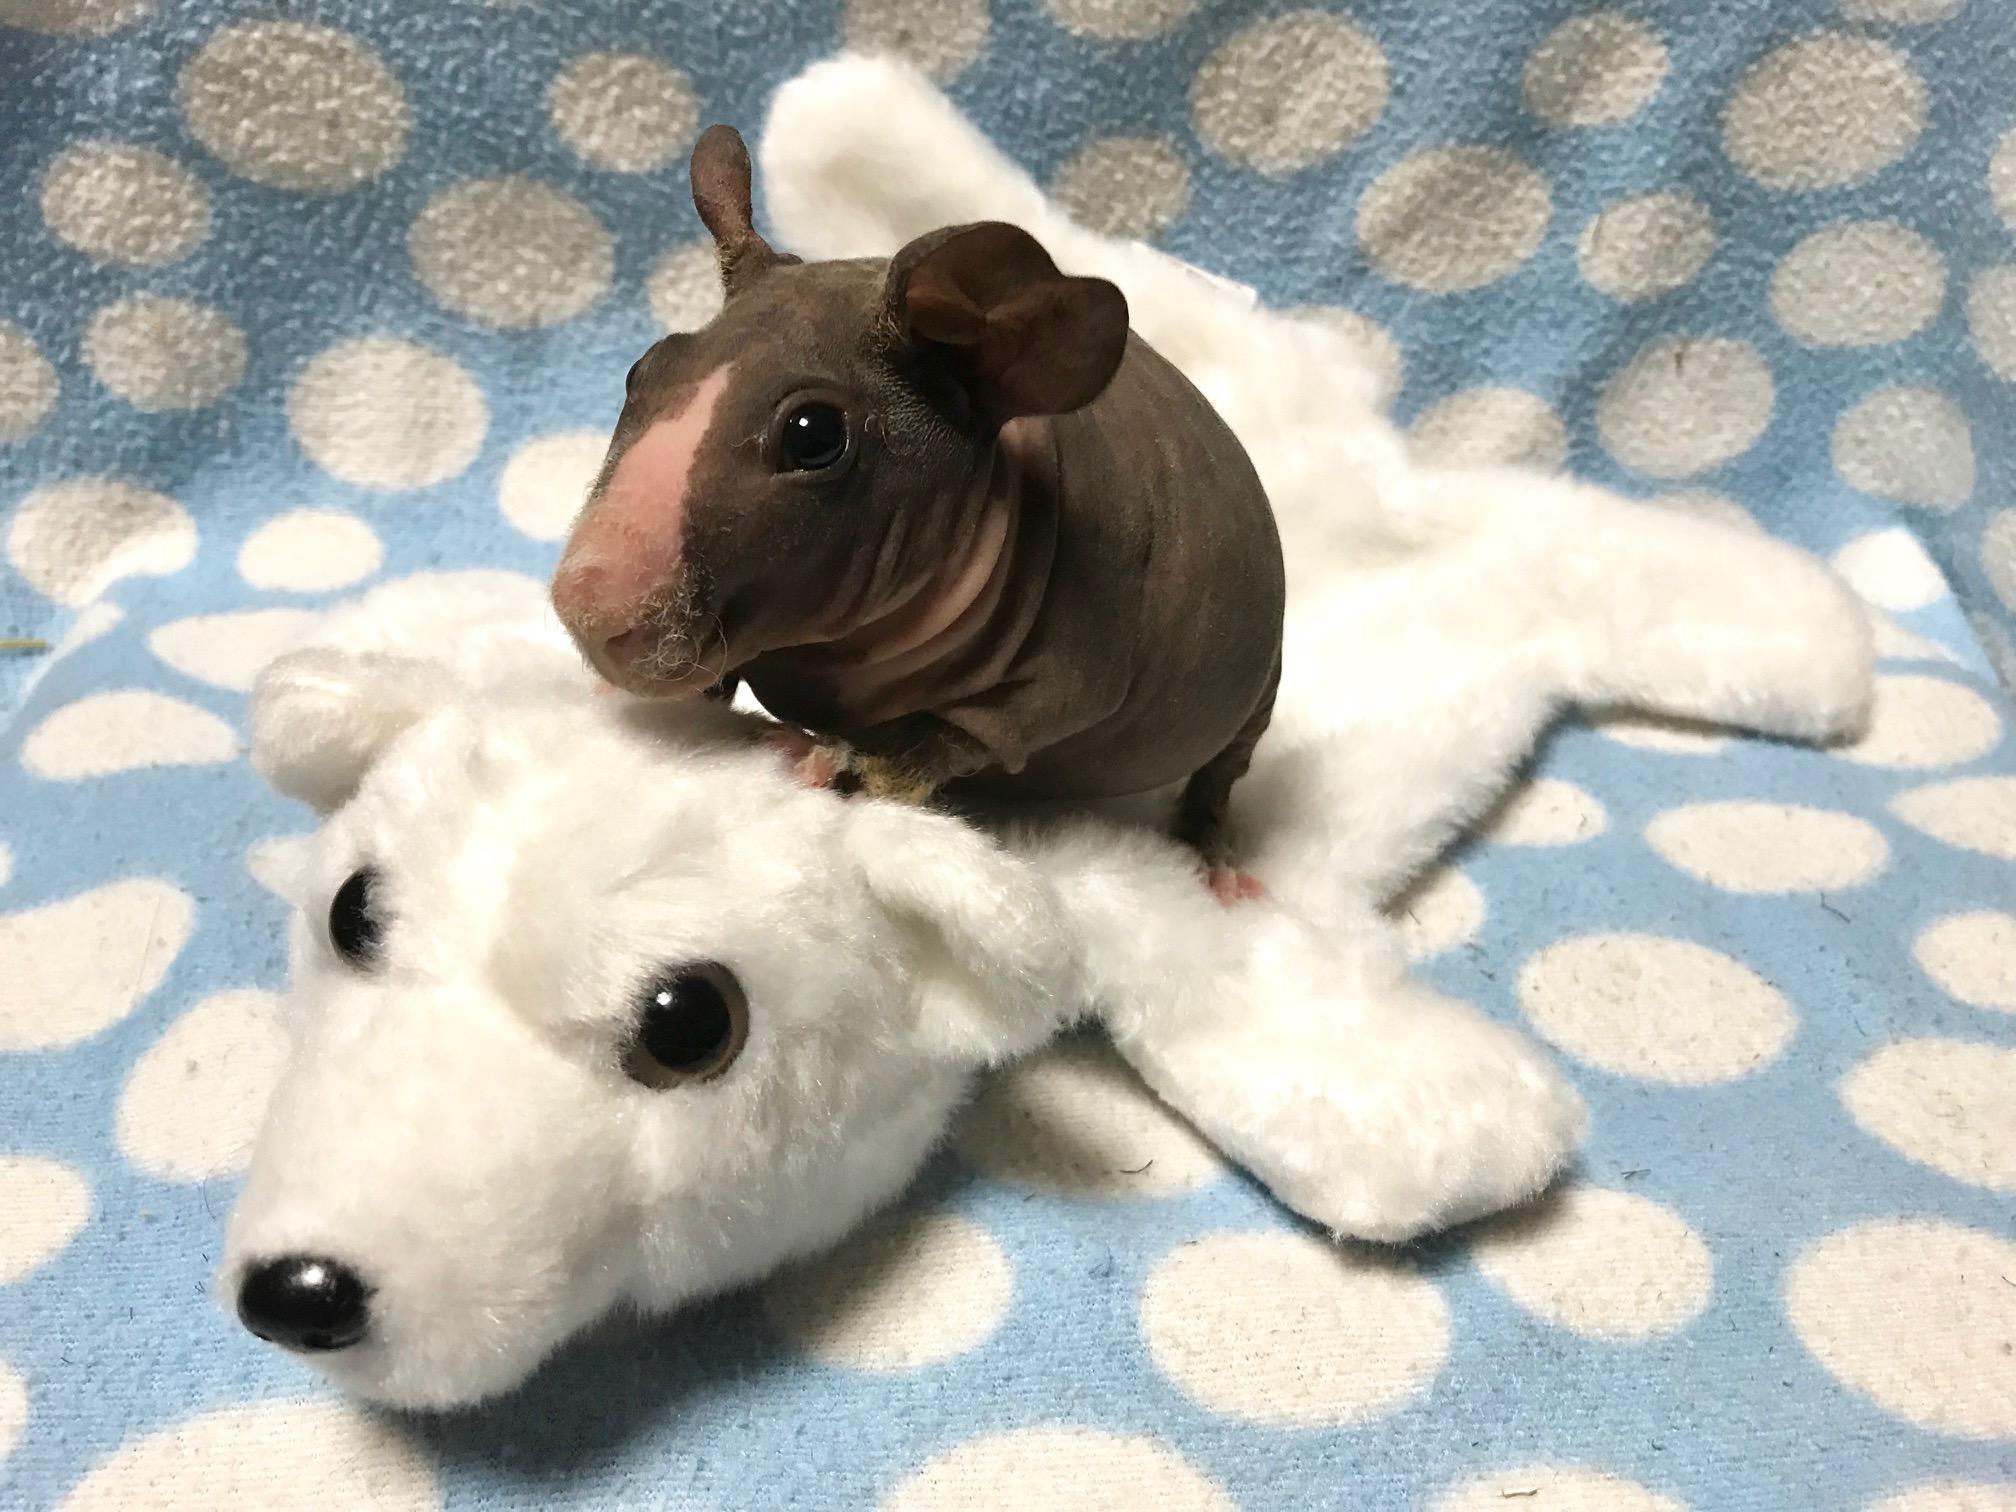 ピッグ スキニー ハリネズミ 小動物販売!国産・自家繁殖ハリネズミ・フクロモモンガ・スキニーギニアピッグ。アドバイザーのいるペットショップ